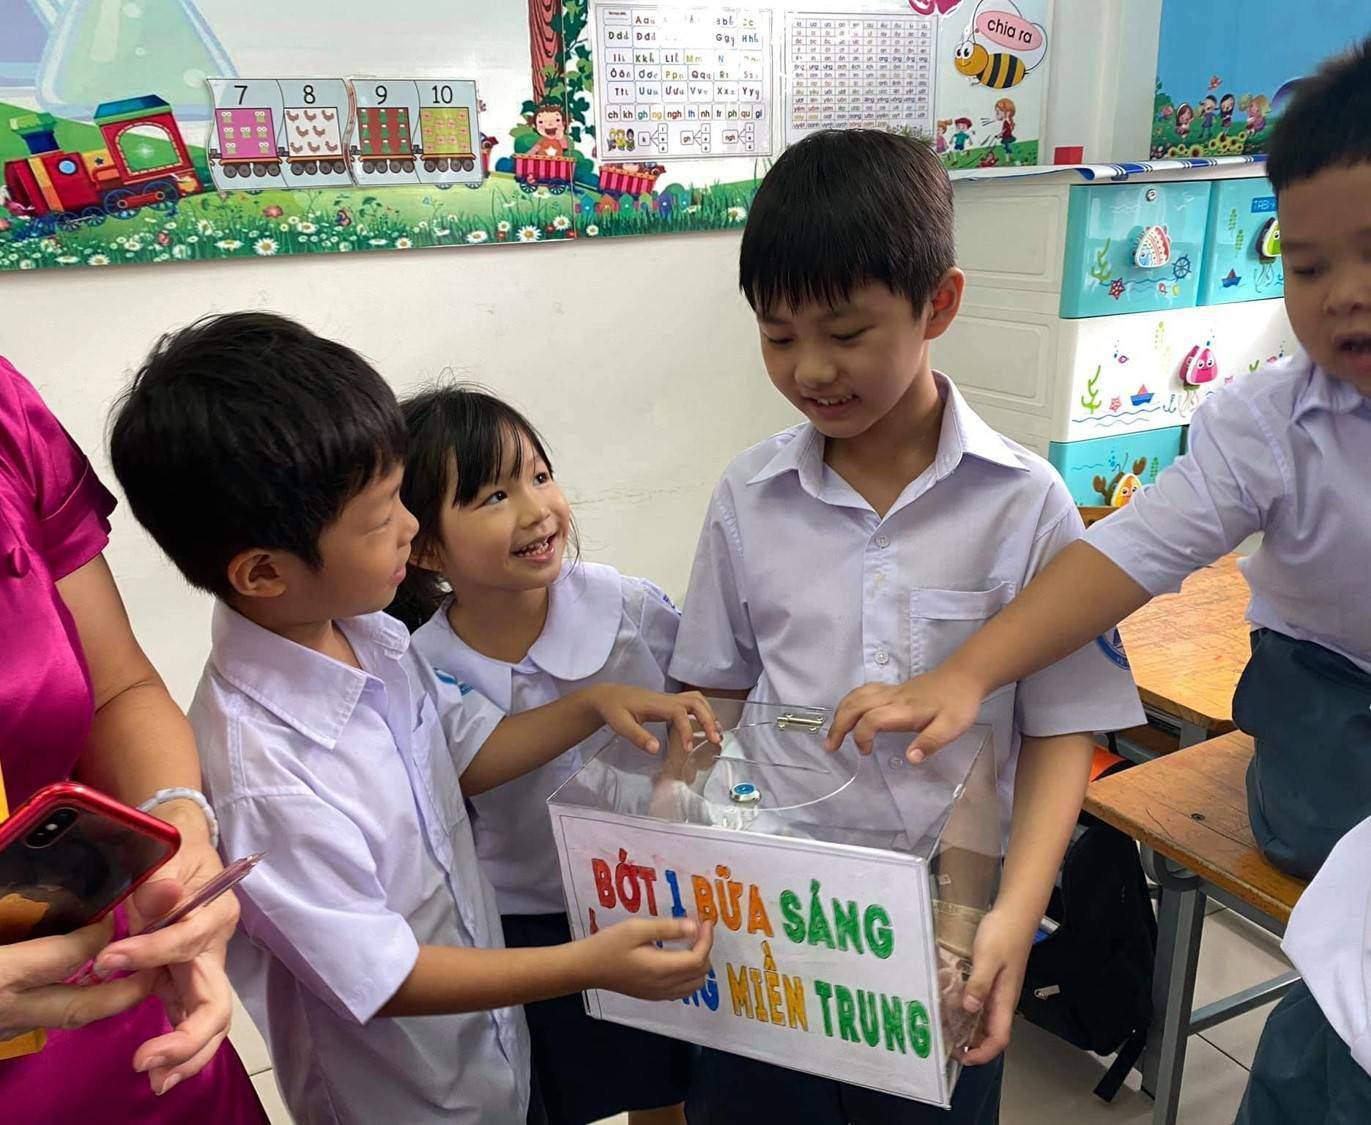 """Cậu bé học lớp 1 trong 2 ngày đã kêu gọi hơn 100 triệu ủng hộ miền Trung: Là con nghệ sĩ đình đám, đáng chú ý nhất phương pháp dạy con của bố mẹ khiến nhiều người phải """"nể"""" - Ảnh 2."""